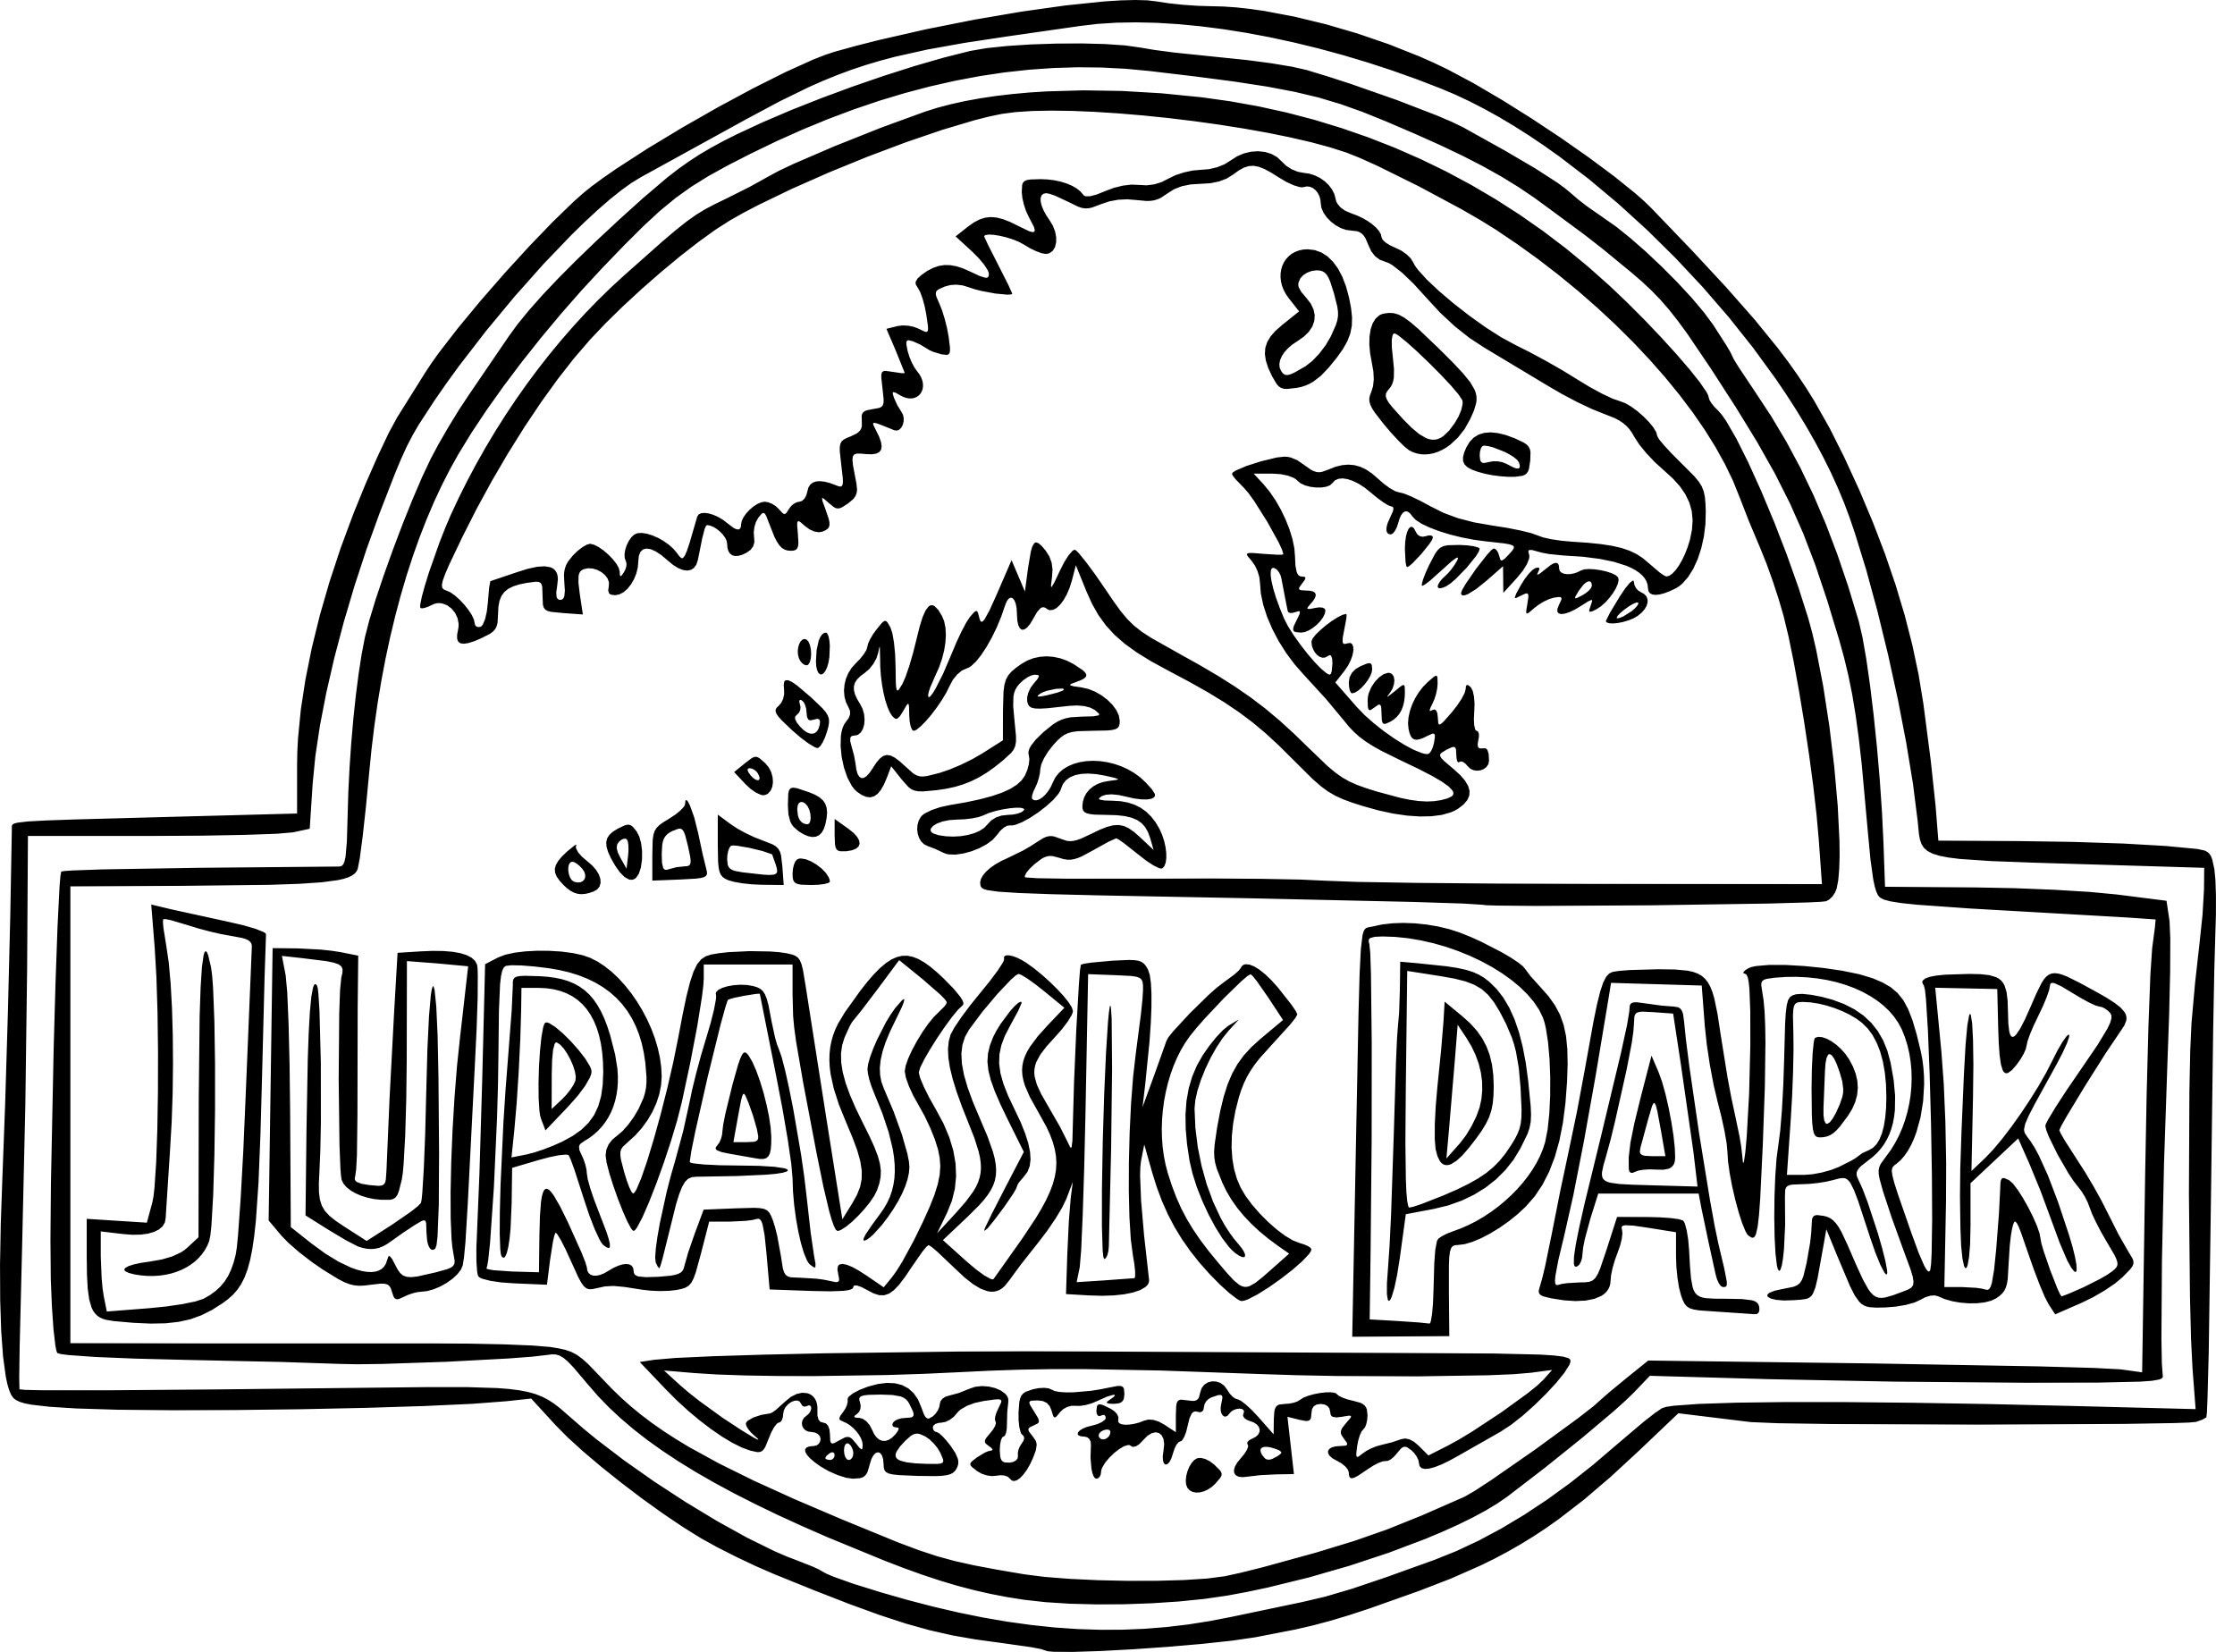 Jurassic Park Coloring Pages Fresh 25 Desenhos Para Colorir Desenhos Infantis Para Pintar Mundo Jurassico